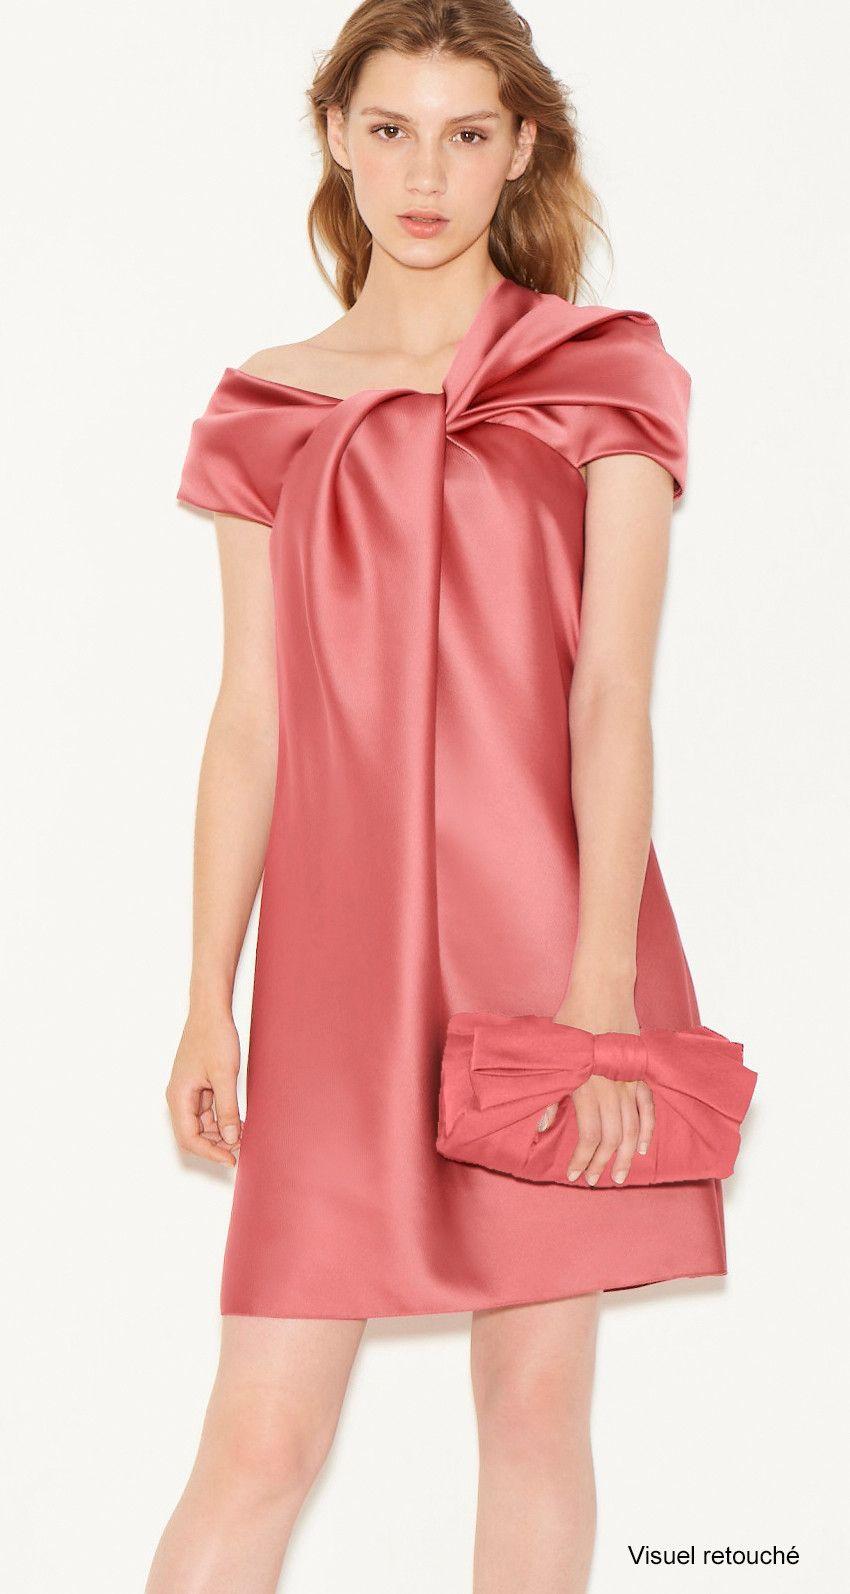 Robe Asymétrique En Coton Et En Satin à Carreaux - BlancClu Qualité Supérieure À Vendre Sortie Ebay EouGjVLlpp